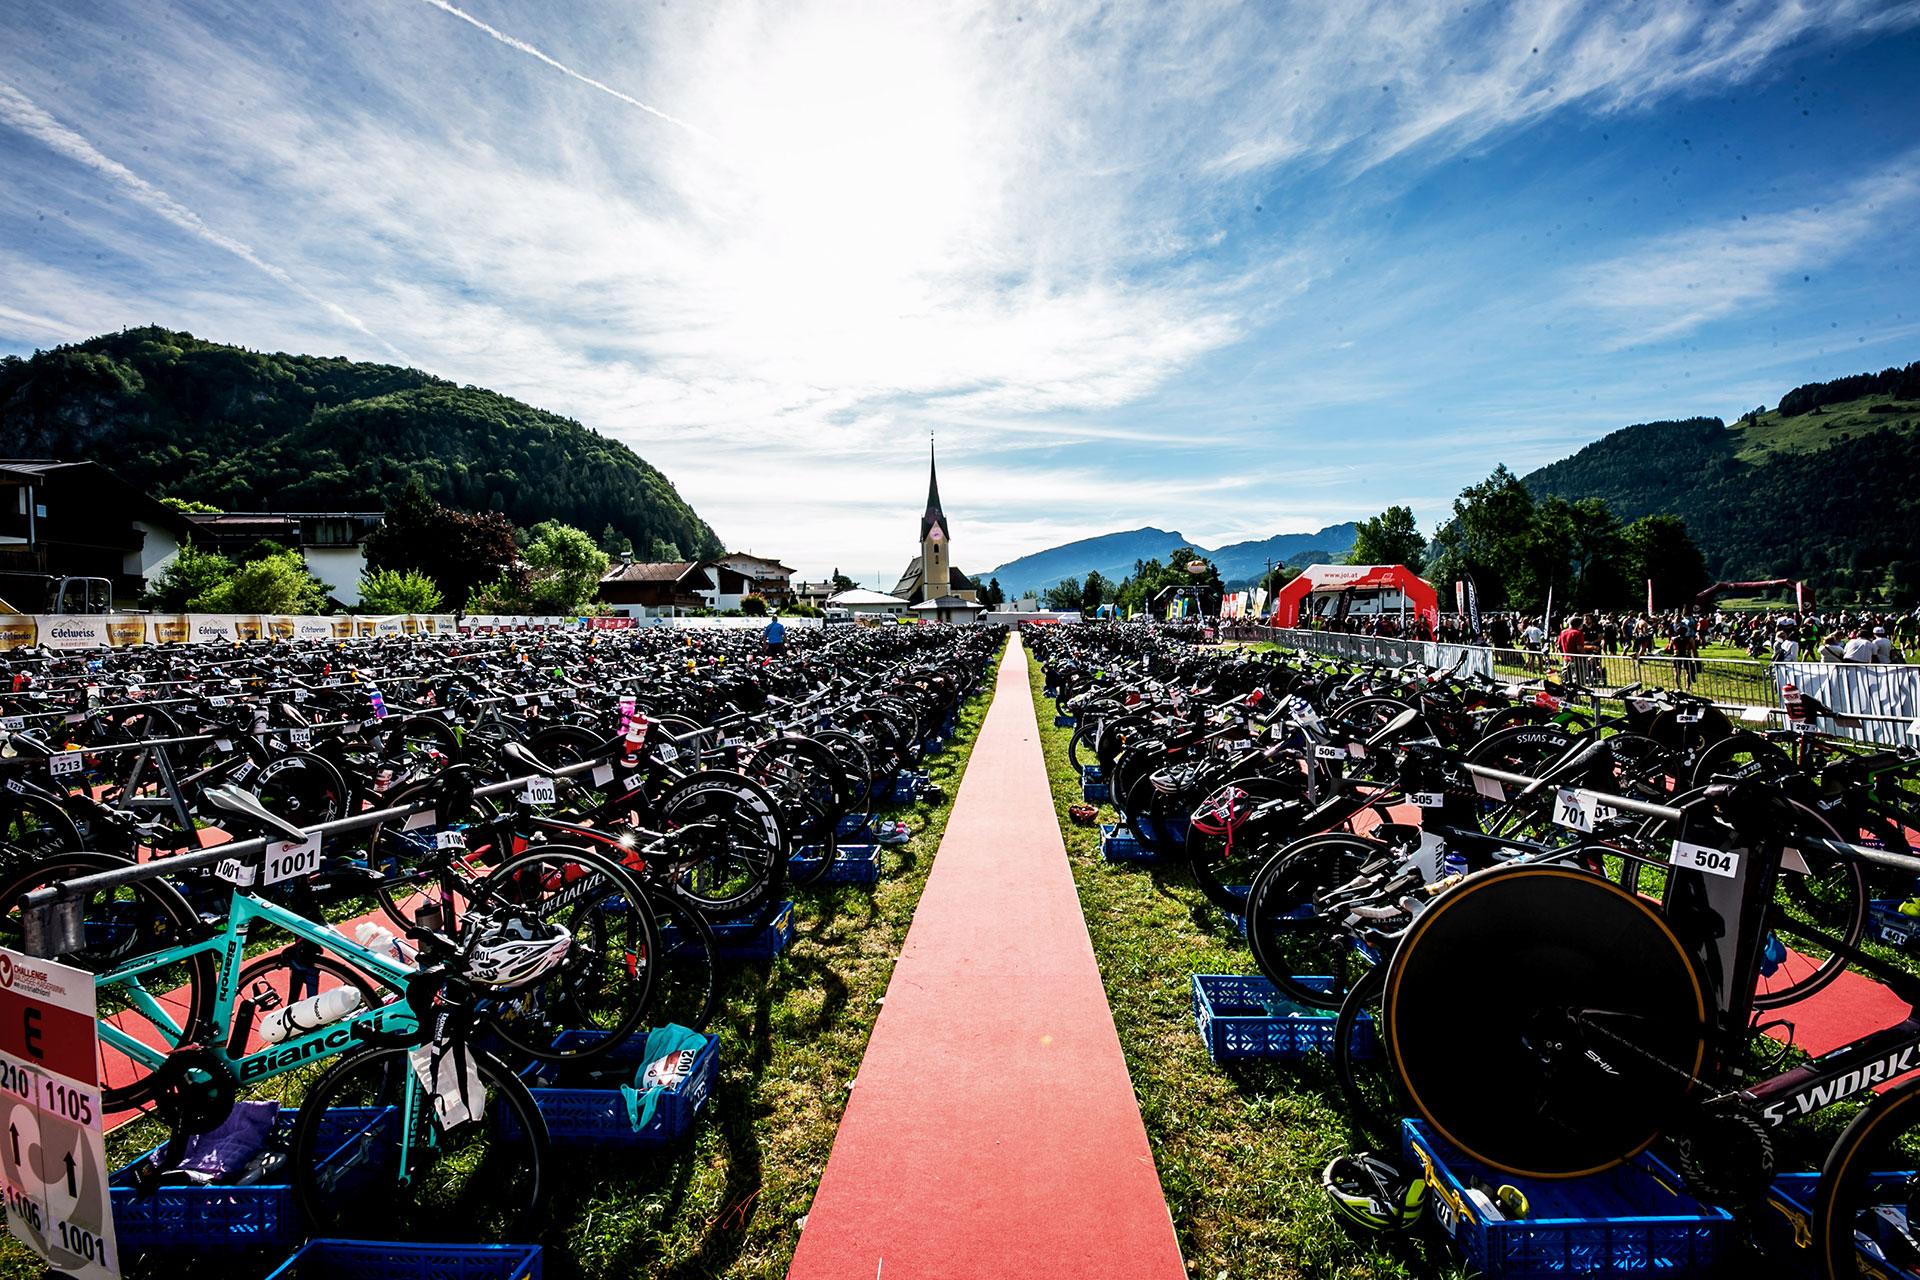 20210627_triathlon_walchsee_race_0020x1920